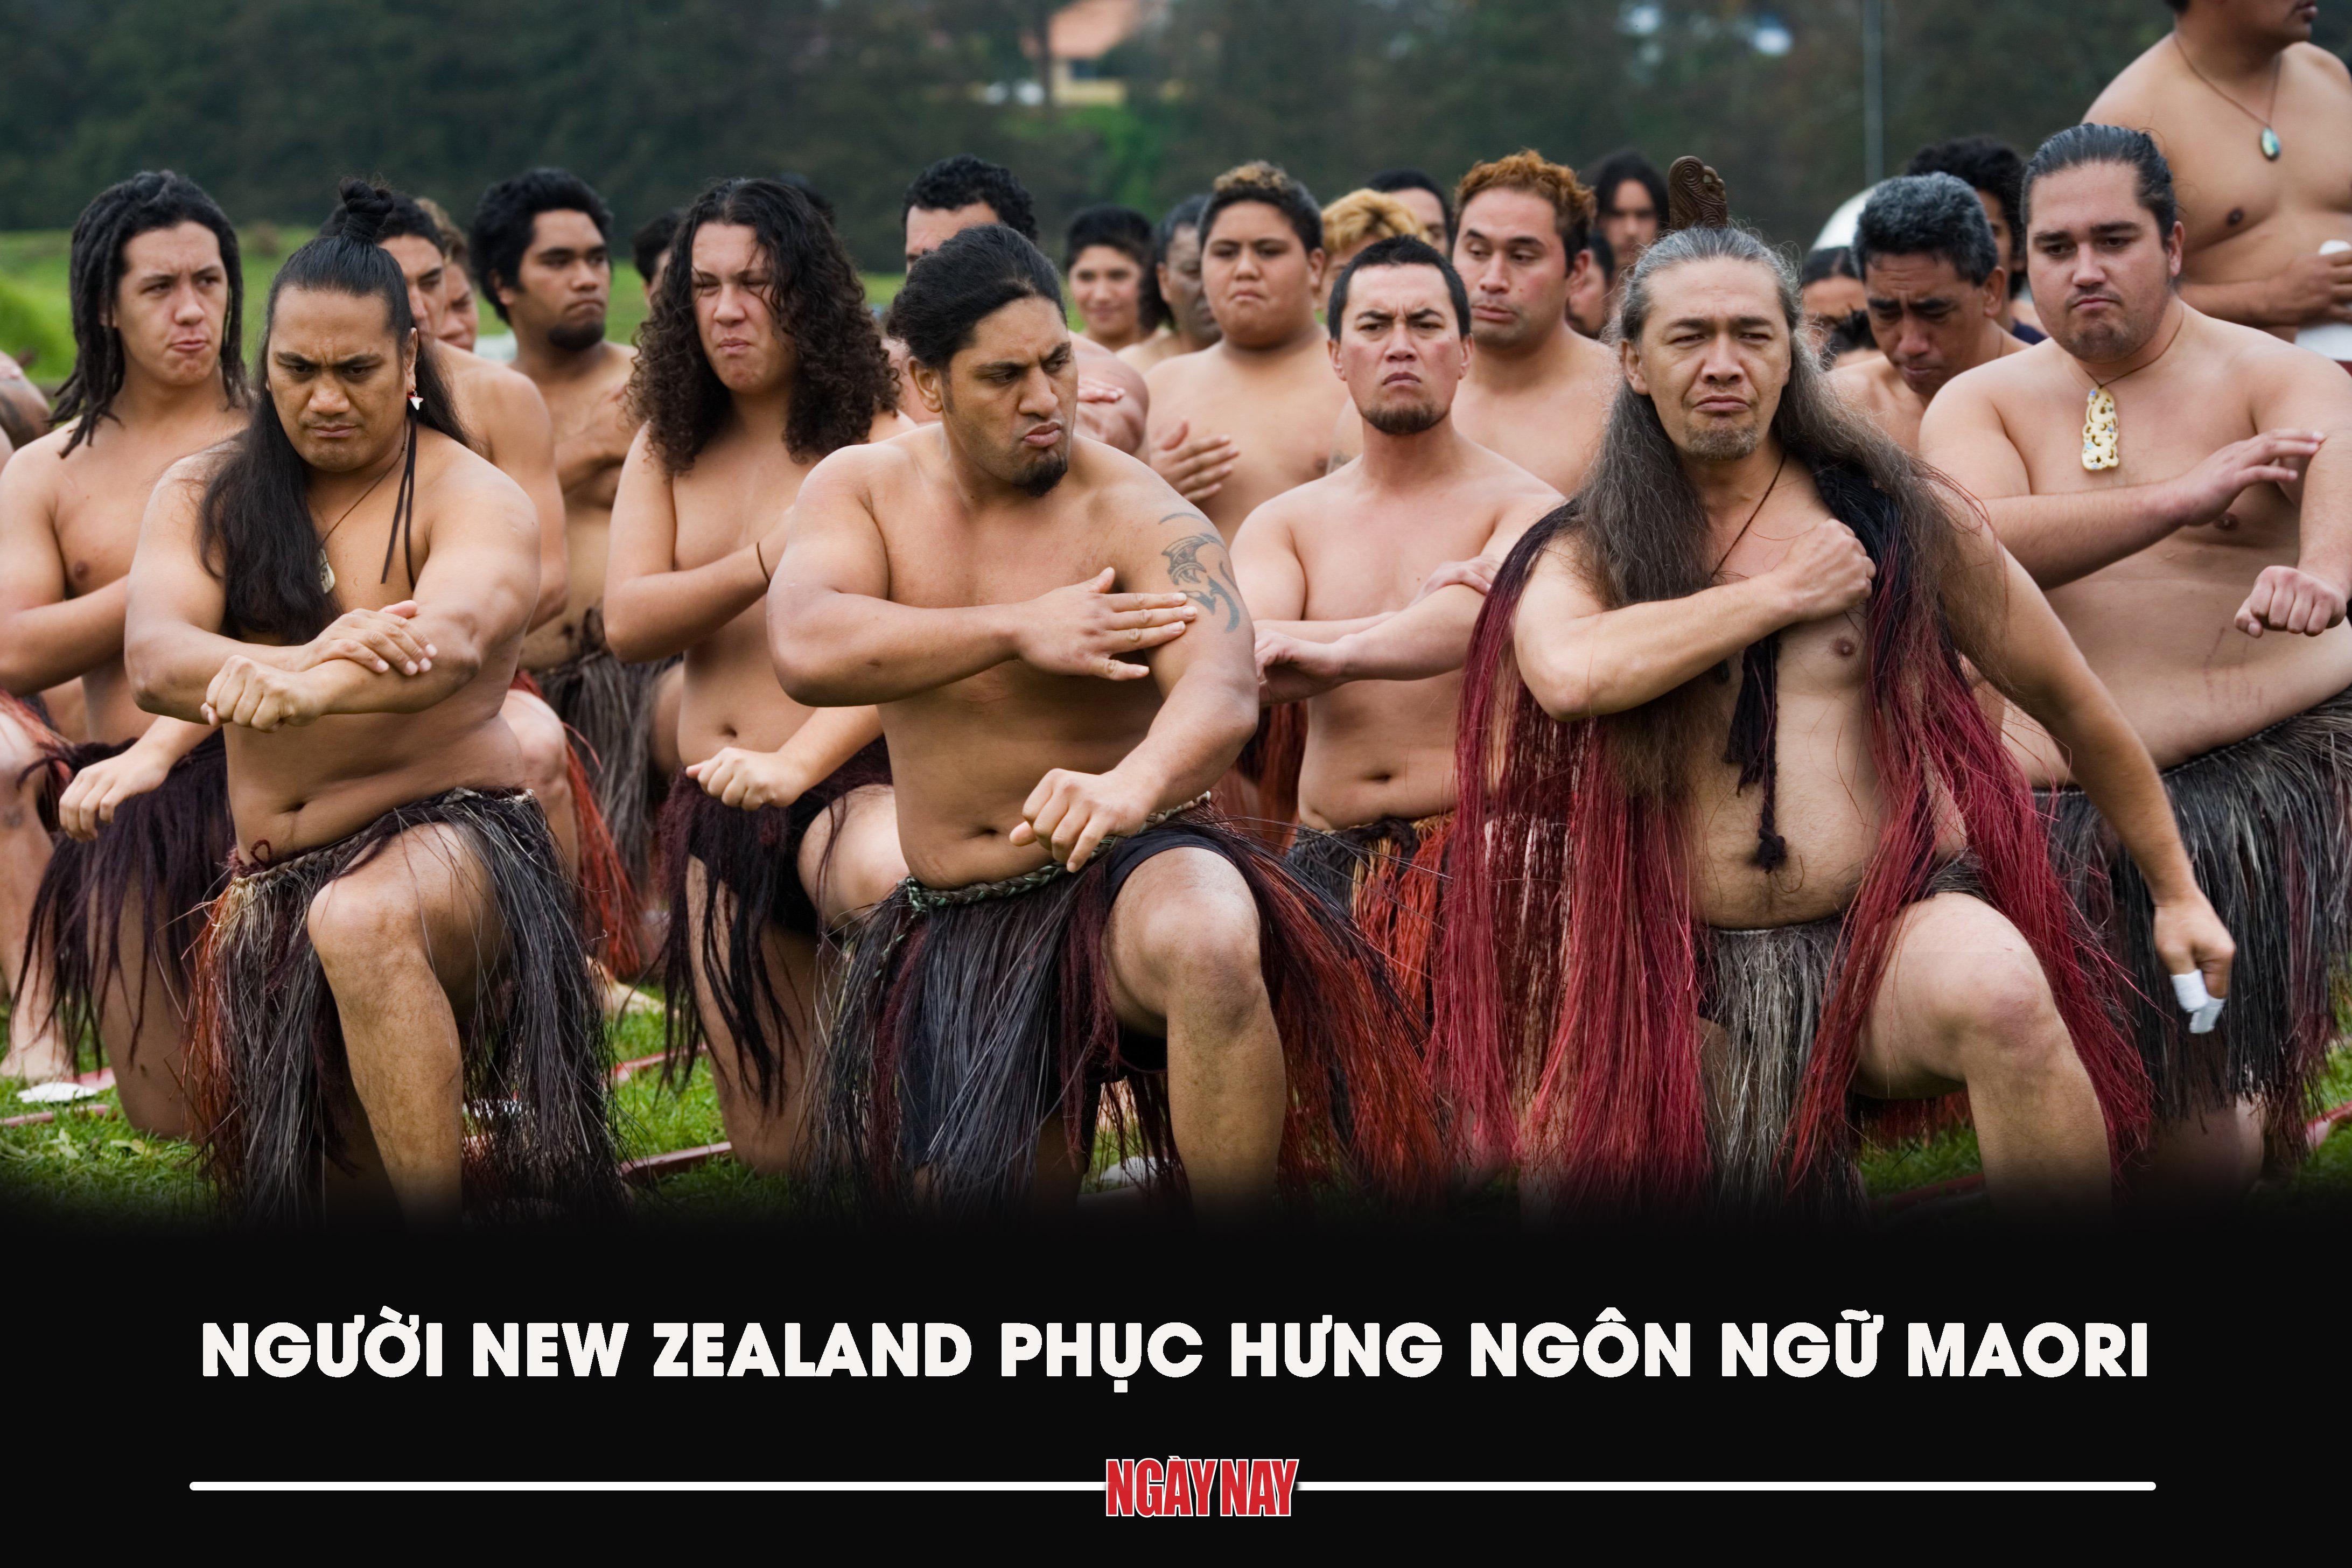 Người New Zealand phục hưng ngôn ngữ Maori